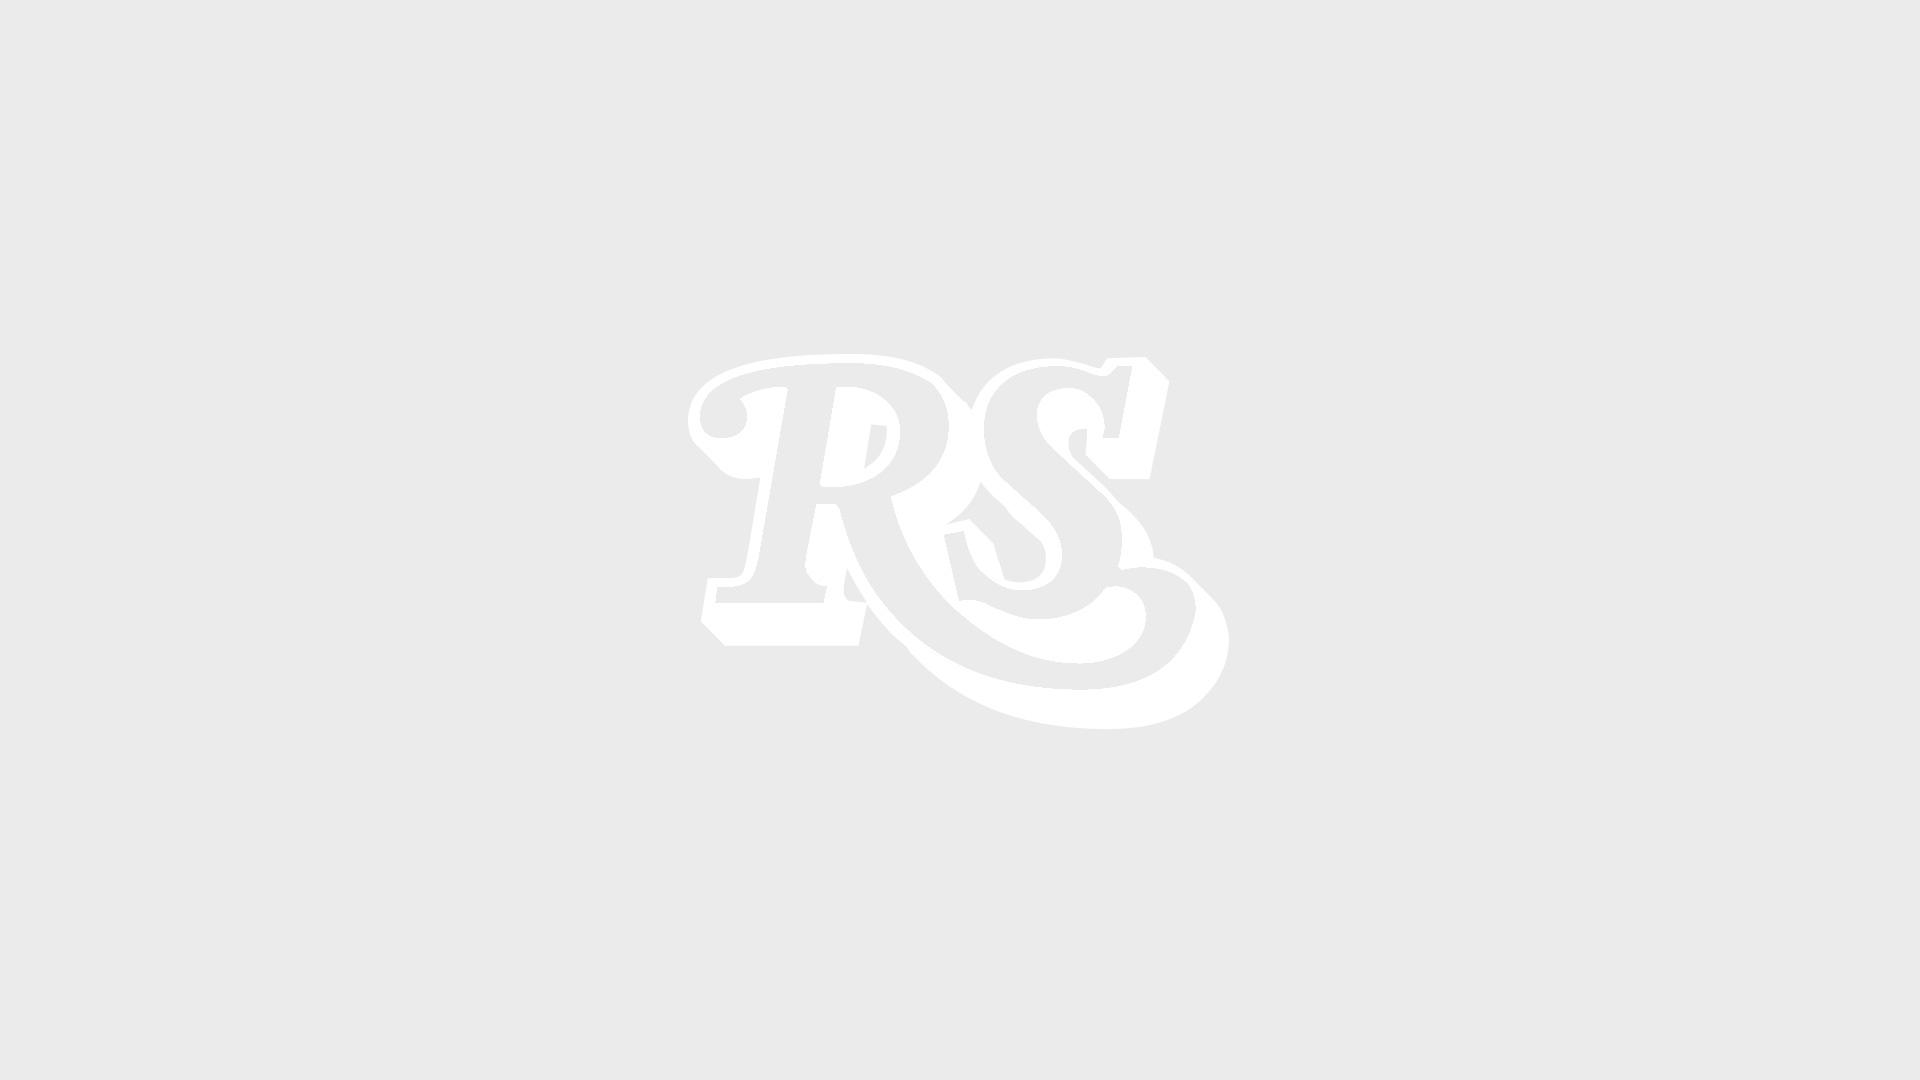 Die Polizei Frankfurt bestätigt Schlimmes: Spoilern ist erlaubt